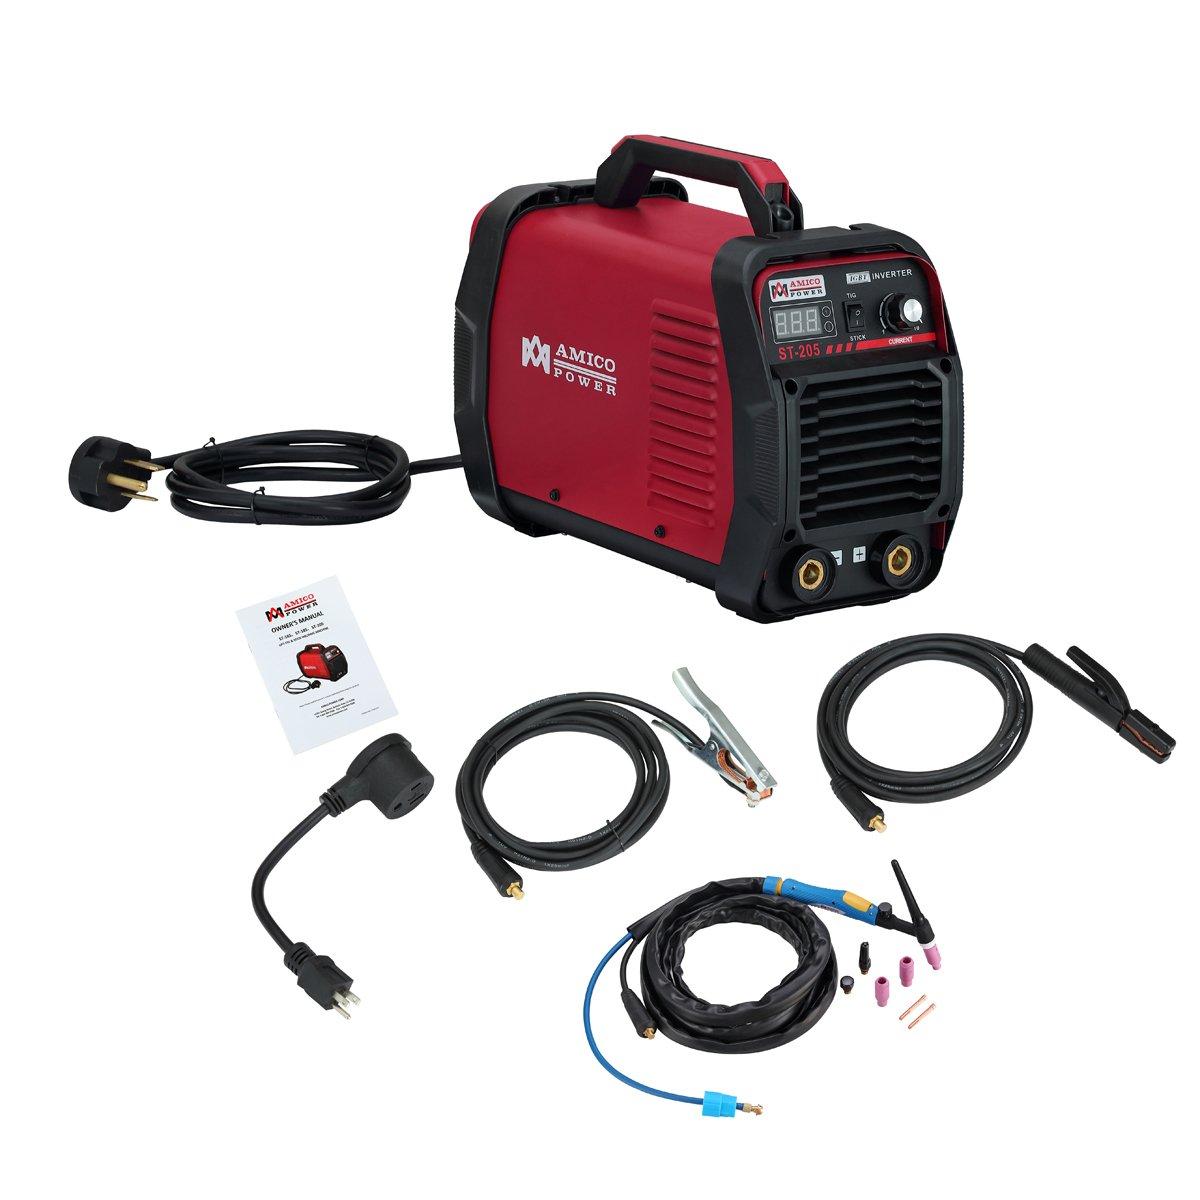 Amico ST-205 Amp Lift-TIG Torch/Stick/Arc Welder 115 & 230V Dual Voltage Welding Machine